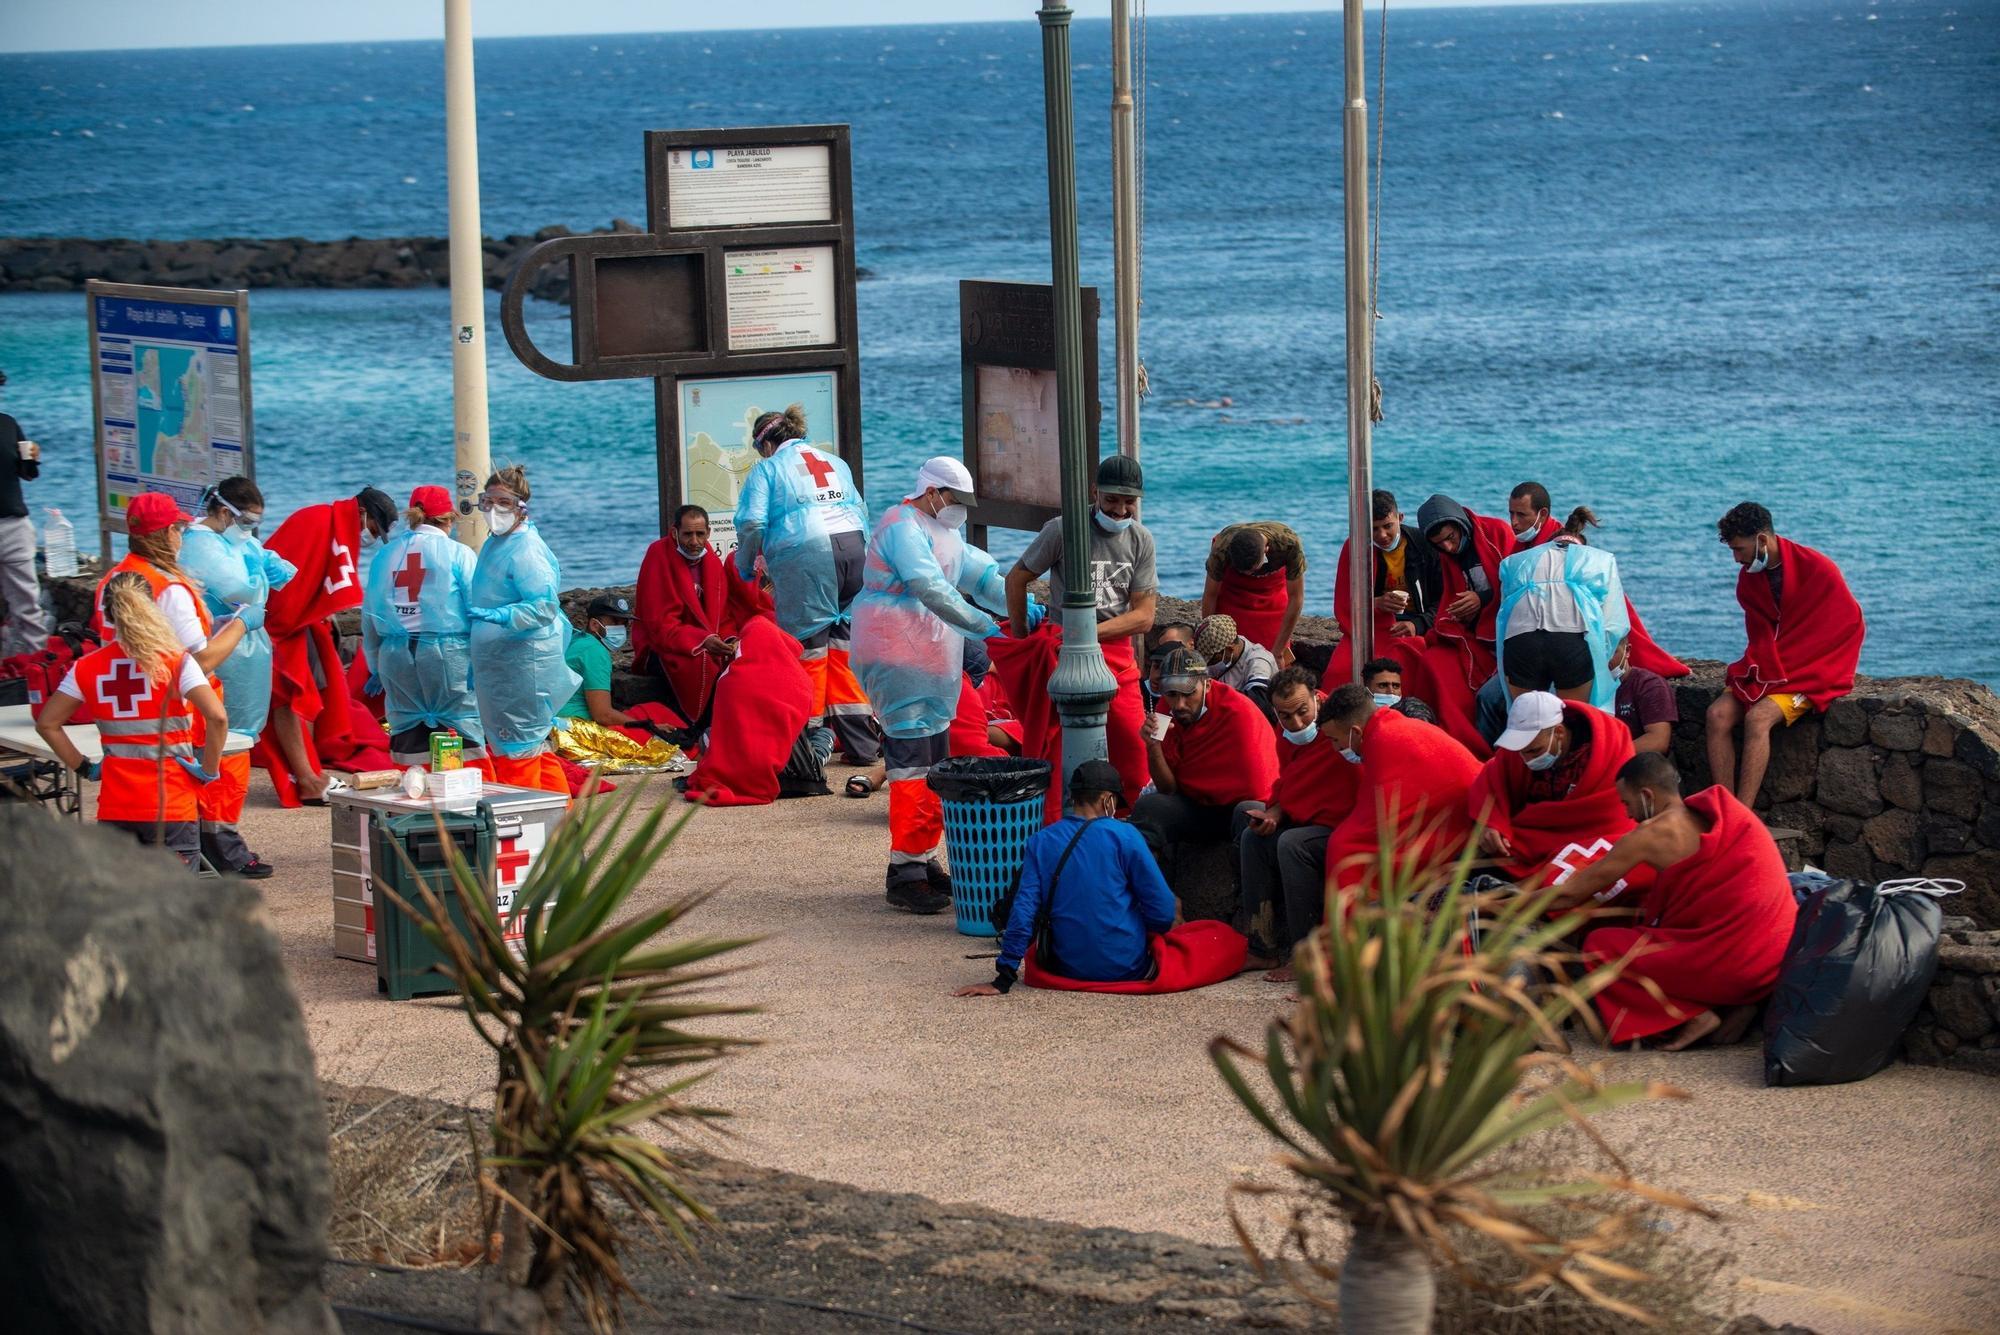 Llegada de patera a la playa de El Jablillo, en Costa Teguise. Lanzarote (24/08/2021)